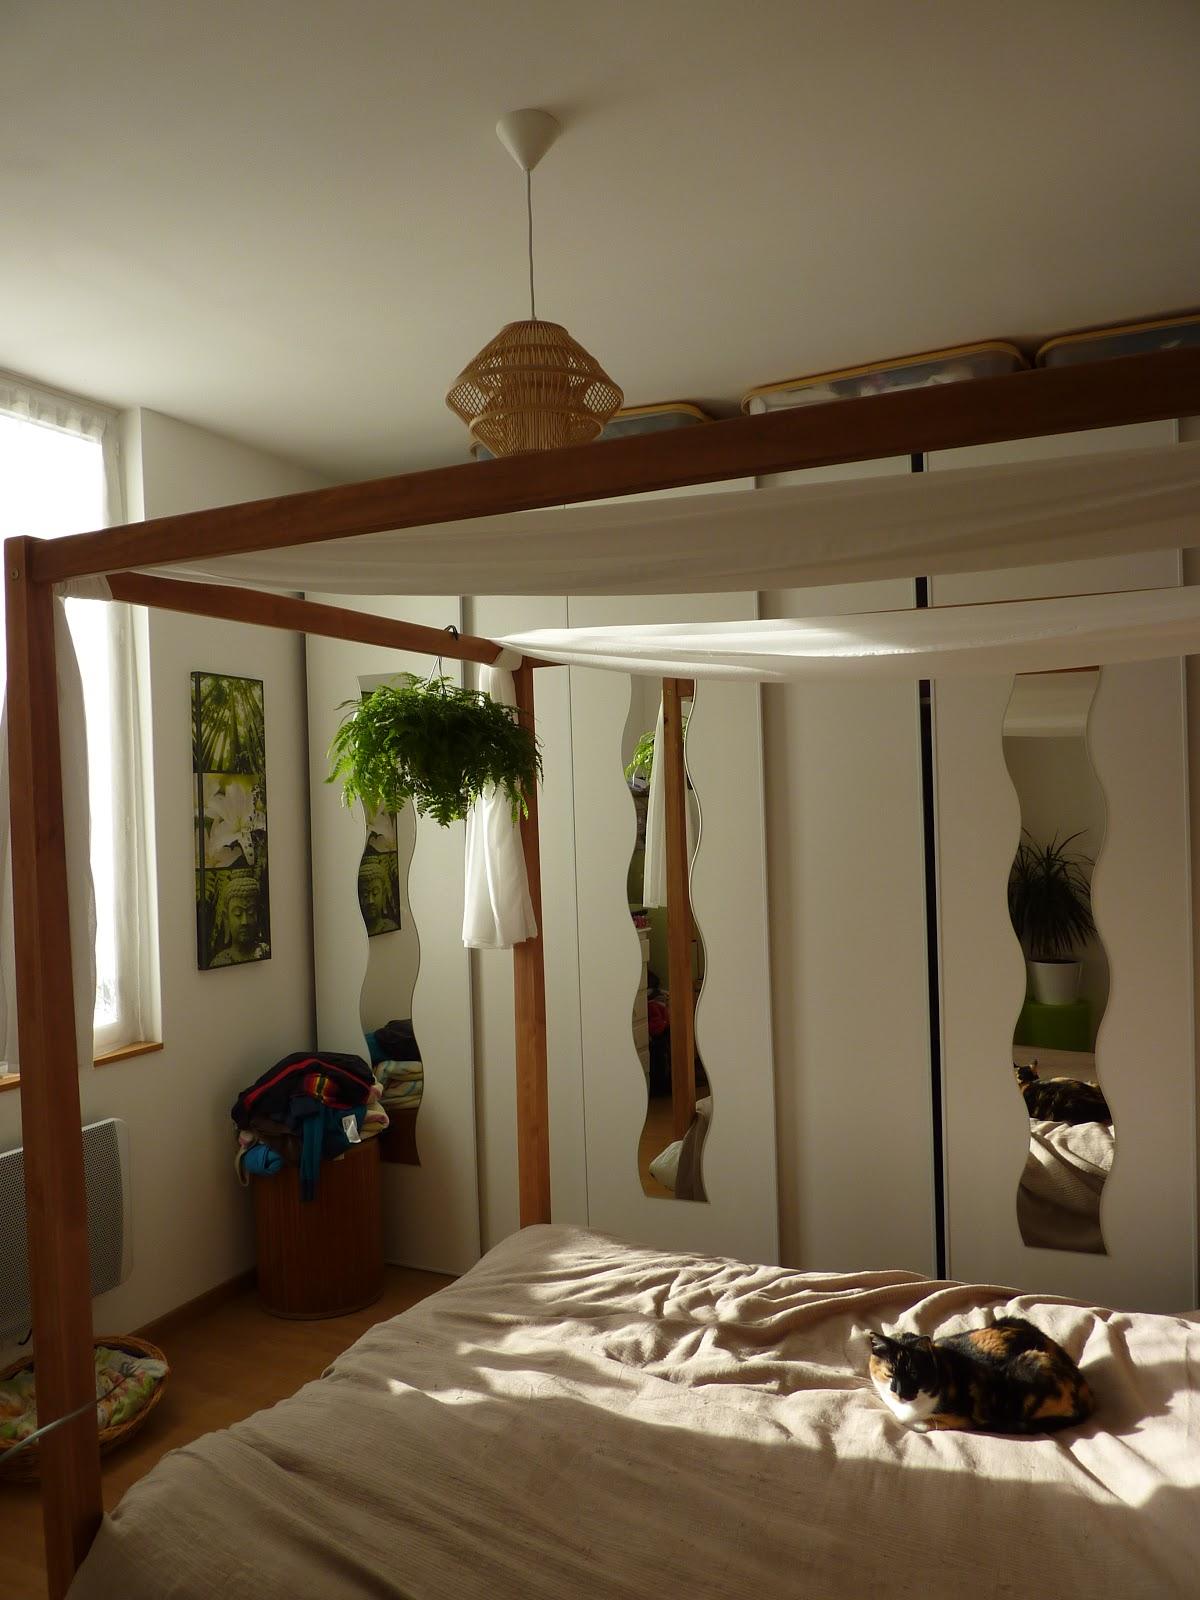 Chambre Bambou Fly: Fly La cerise sur la décÔ. Suspension kartell ...